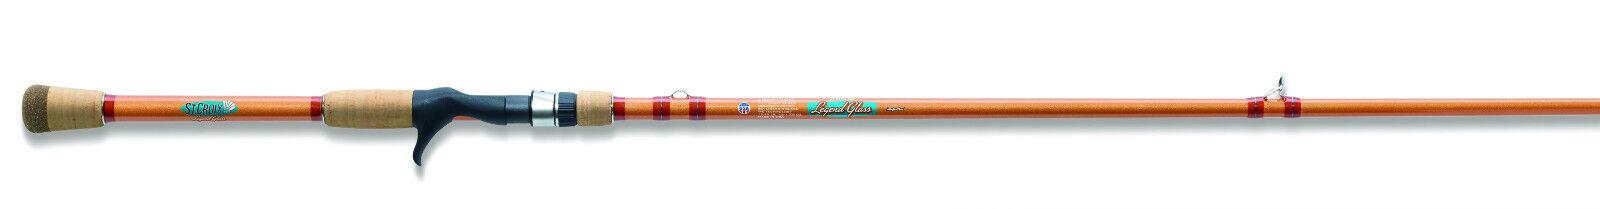 St. Croix Legend Glass Bait Casting Rod  (Choose Model)  more discount